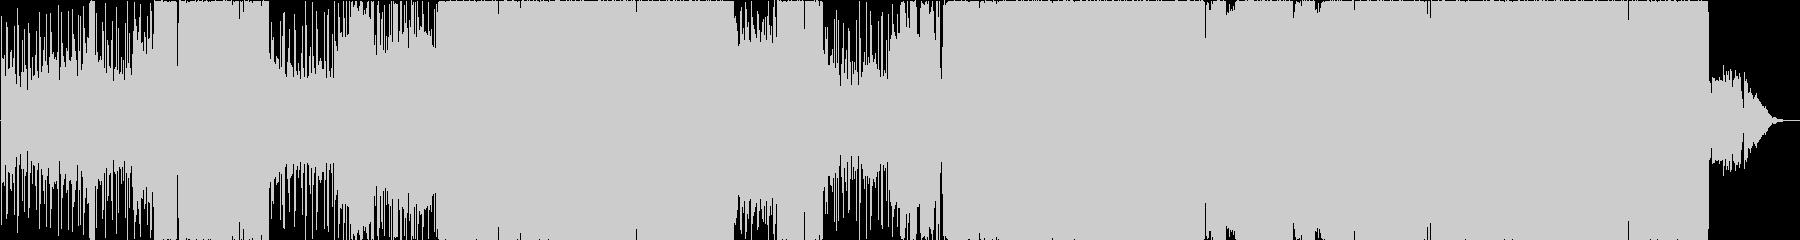 バラードメタル 緊迫性のある重々しい曲の未再生の波形